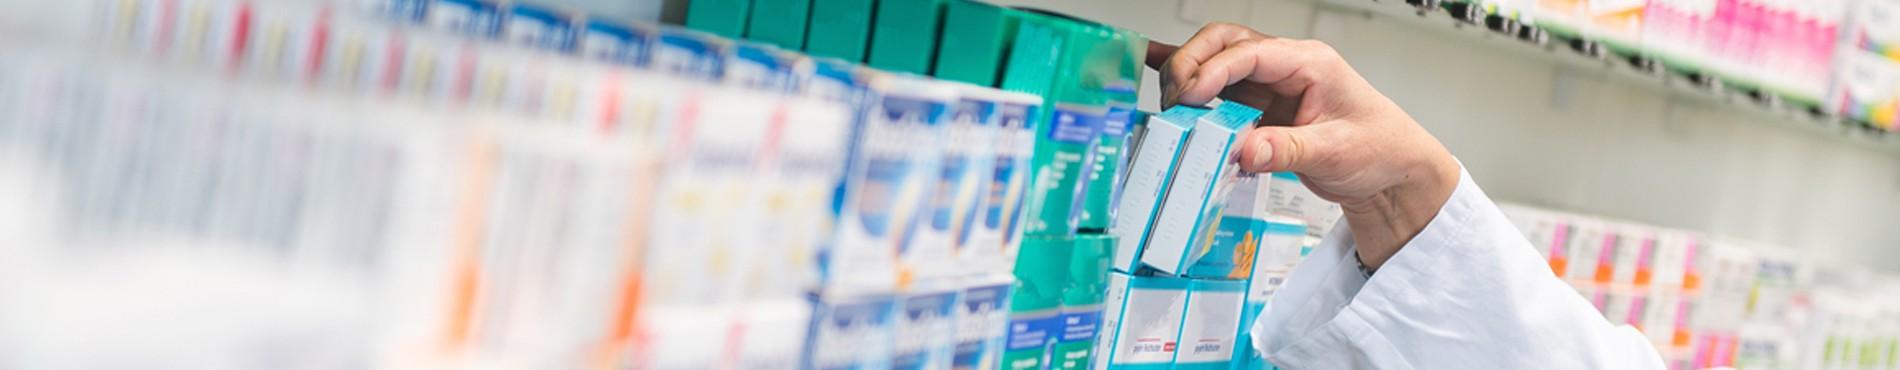 Goodies et objets personnalisés pour pharmacies